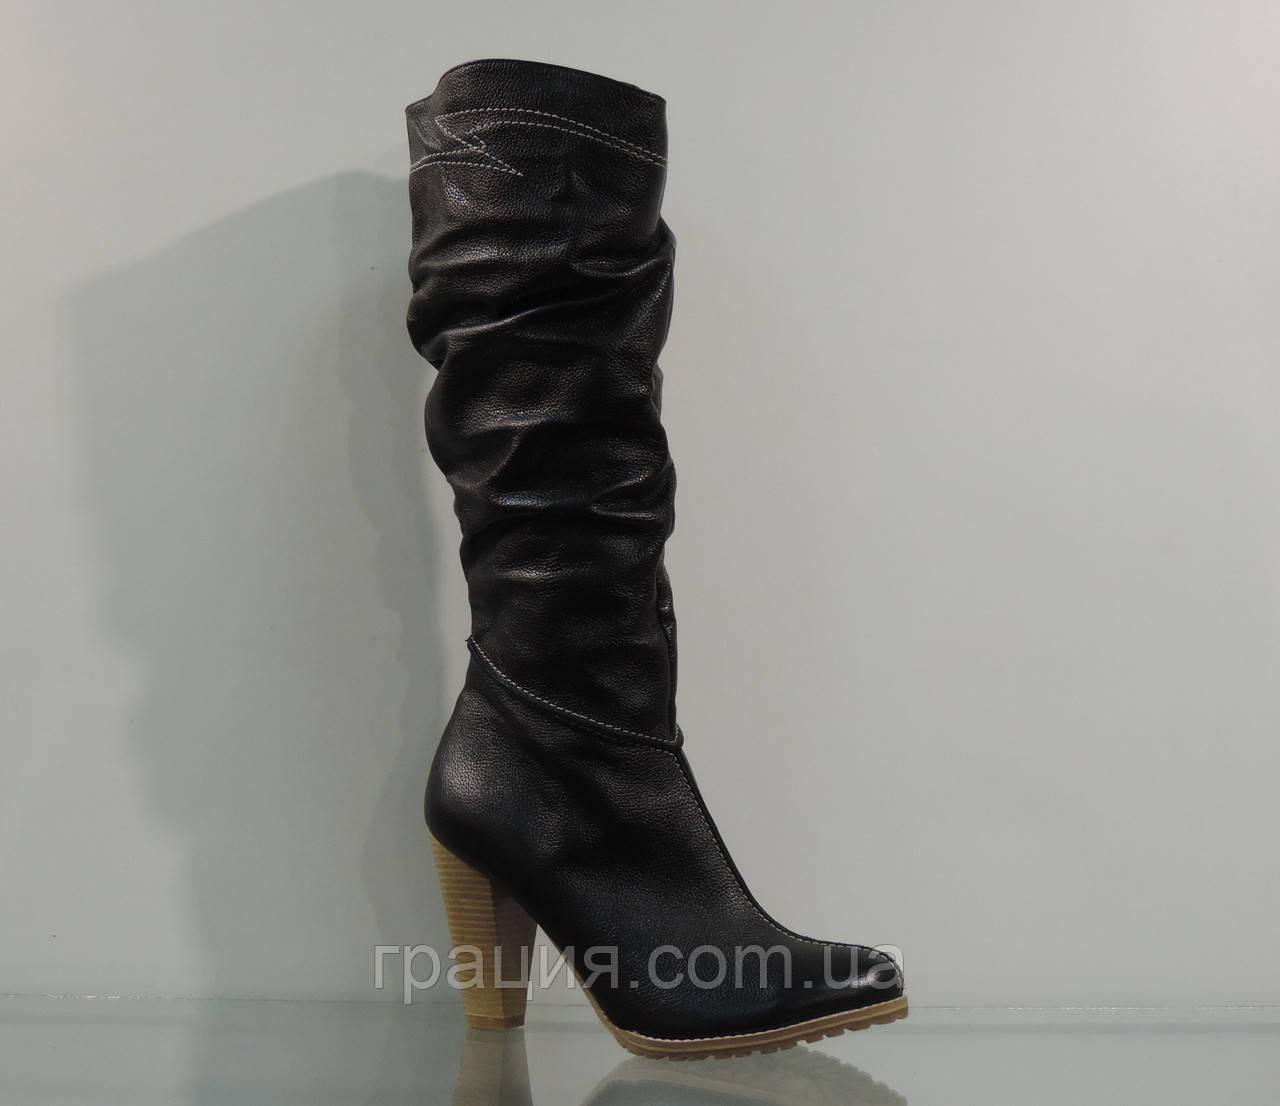 Зимові шкіряні чобітки на підборах